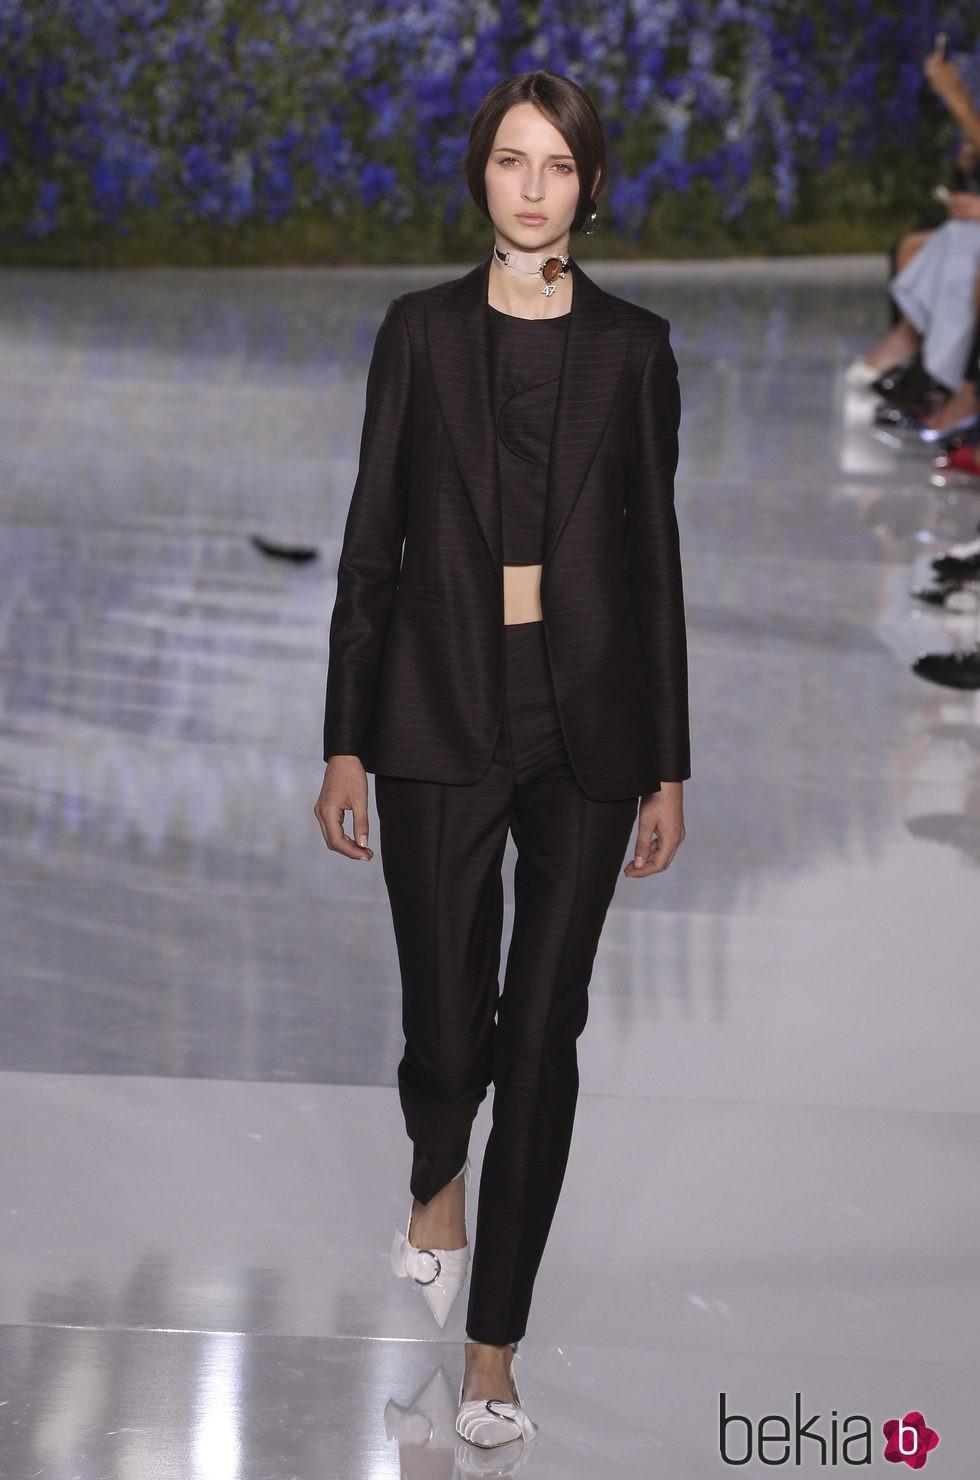 Traje negro de la colección primavera/verano 2016 de Dior en Paris Fashion Week